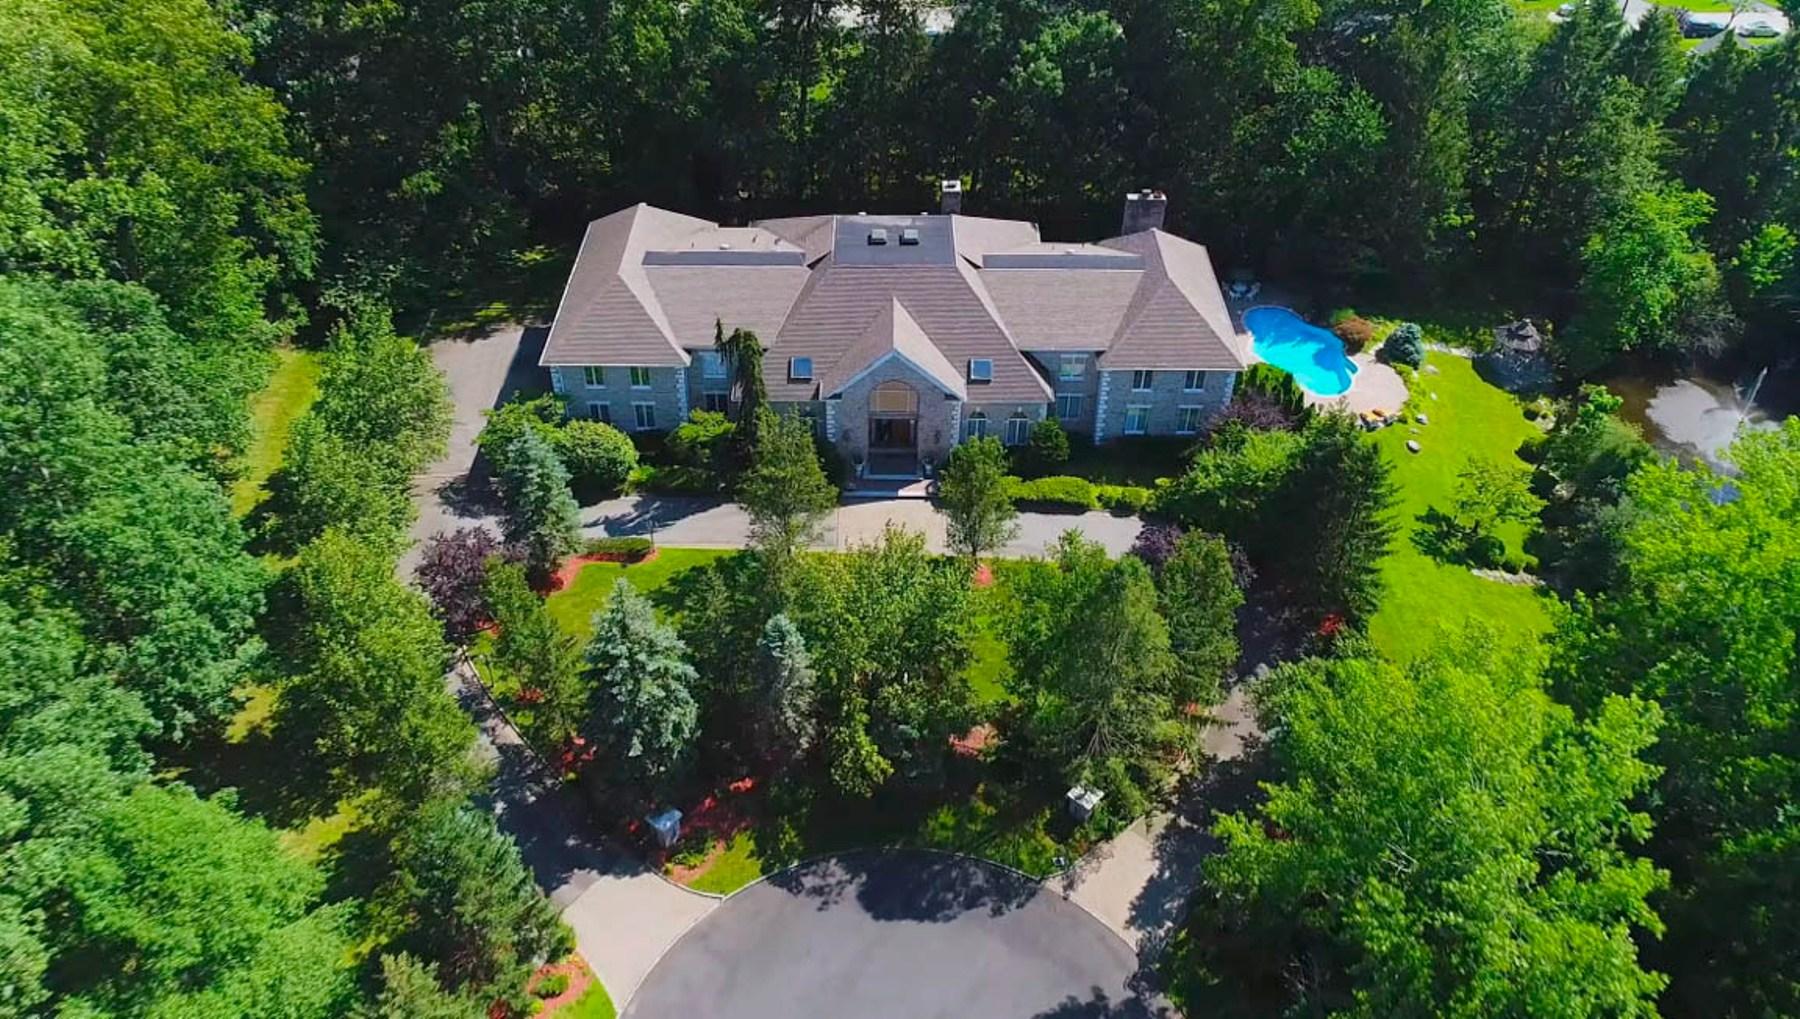 独户住宅 为 销售 在 SOUTH POND ESTATE 3 S Pond Rd 马鞍河, 新泽西州 07458 美国